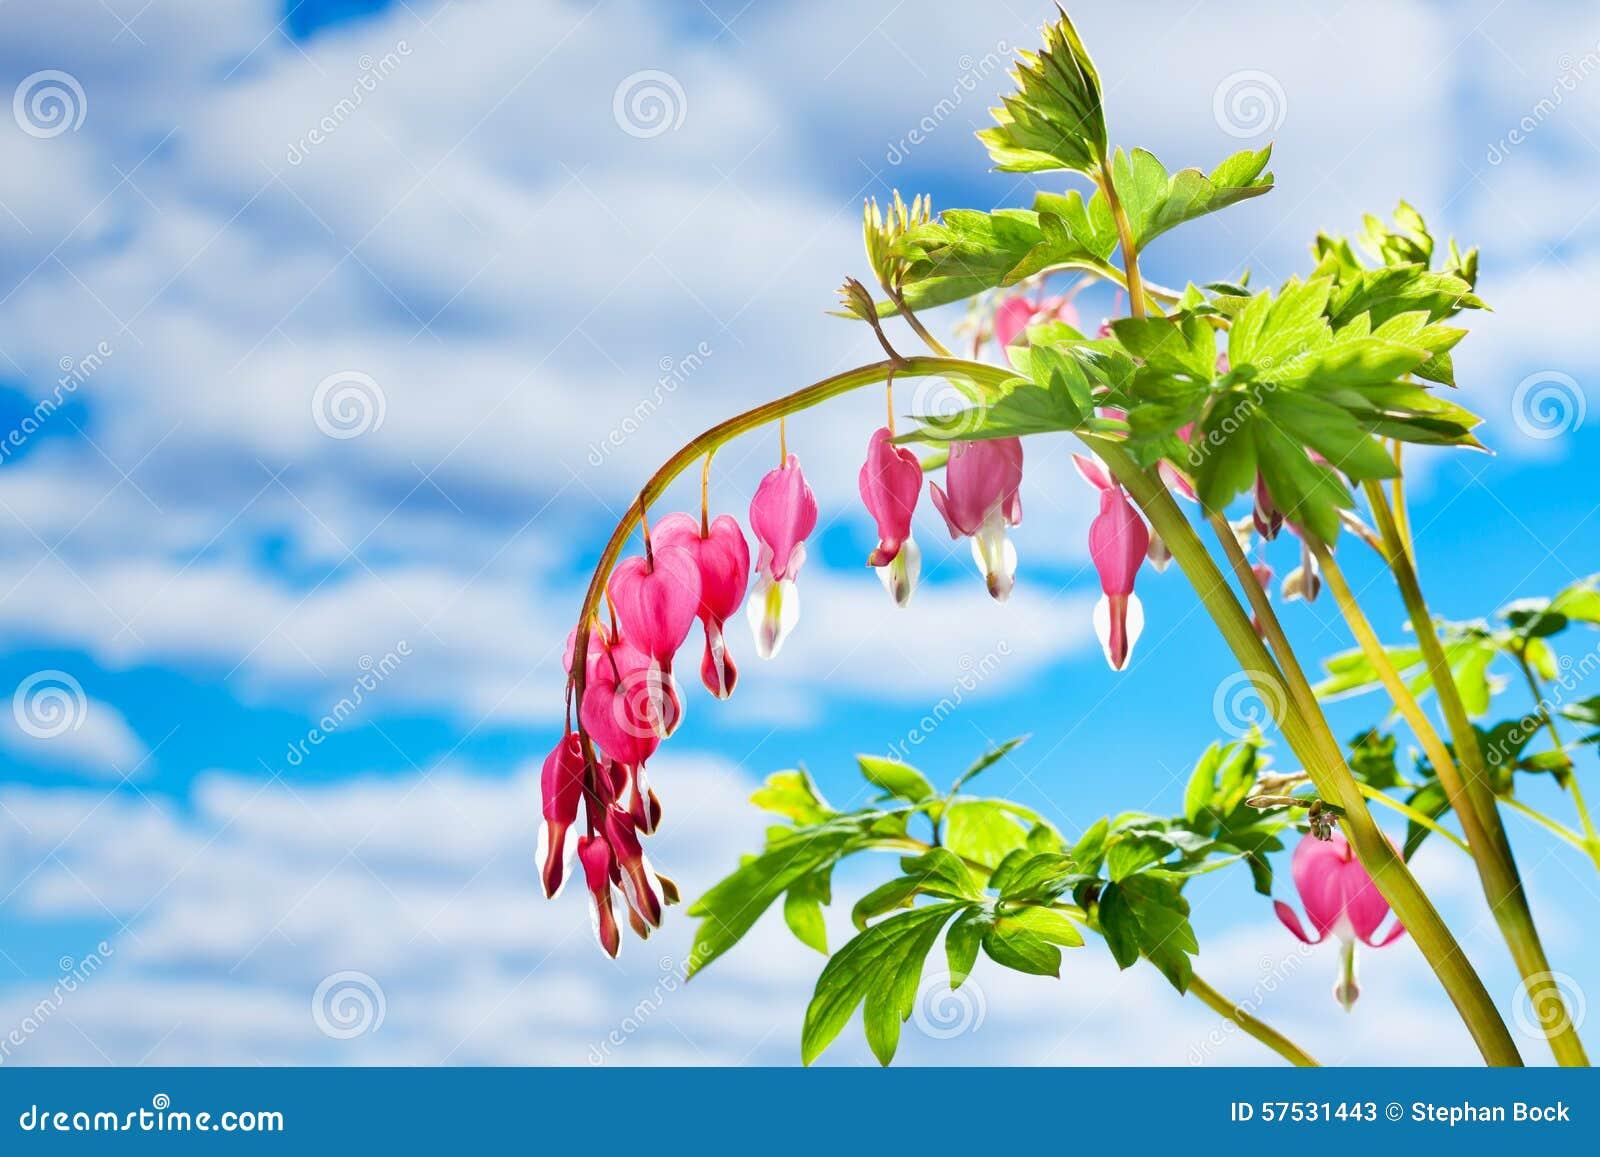 反对蓝天与云彩,被弄脏的背景的红色里拉琴花.图片